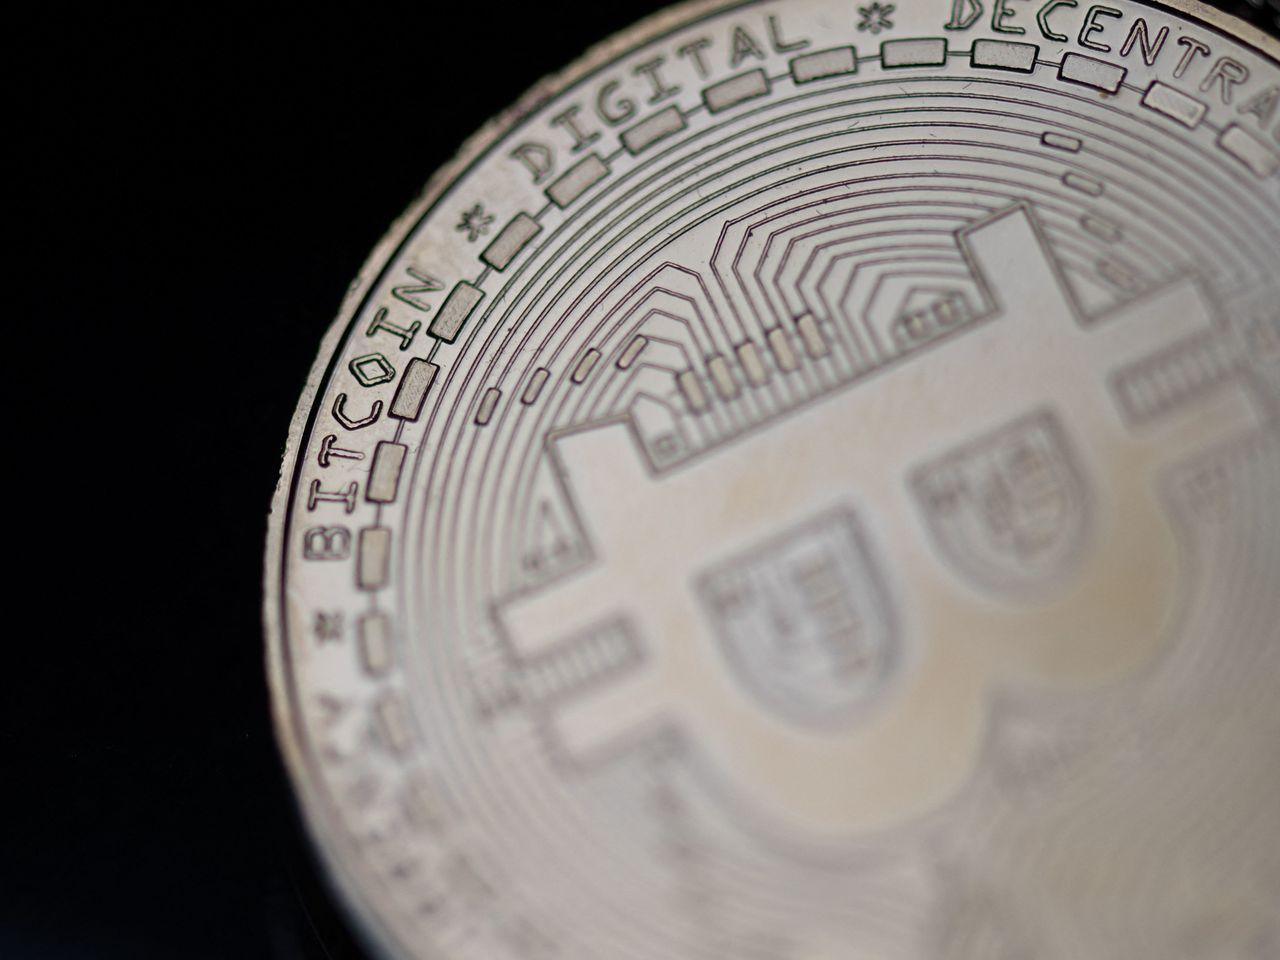 Bitcoin Mining: Hè Sempre Rendibile in ? 💸 - TechAcute